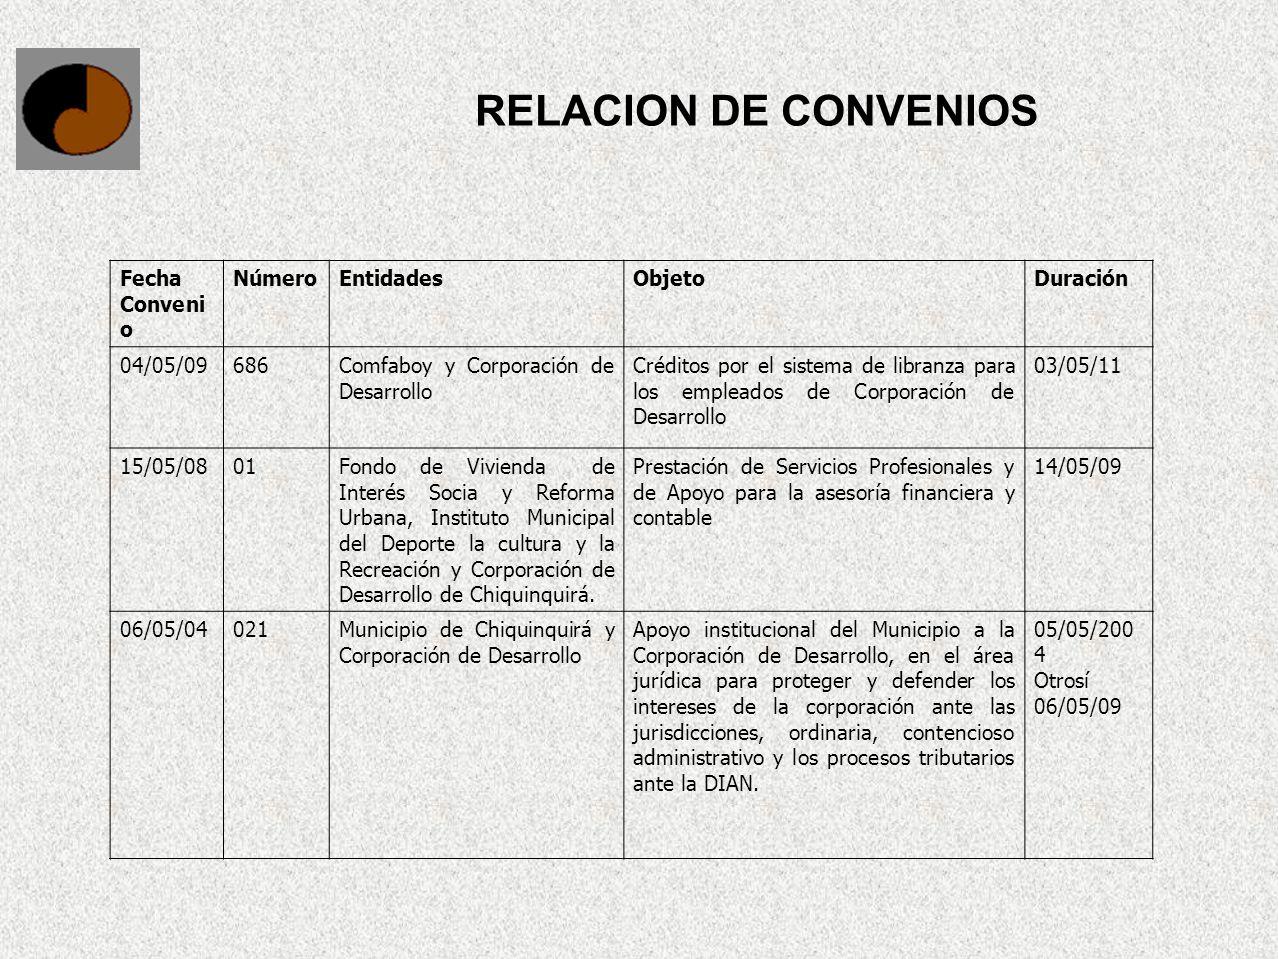 RELACION DE CONVENIOS Fecha Convenio Número Entidades Objeto Duración